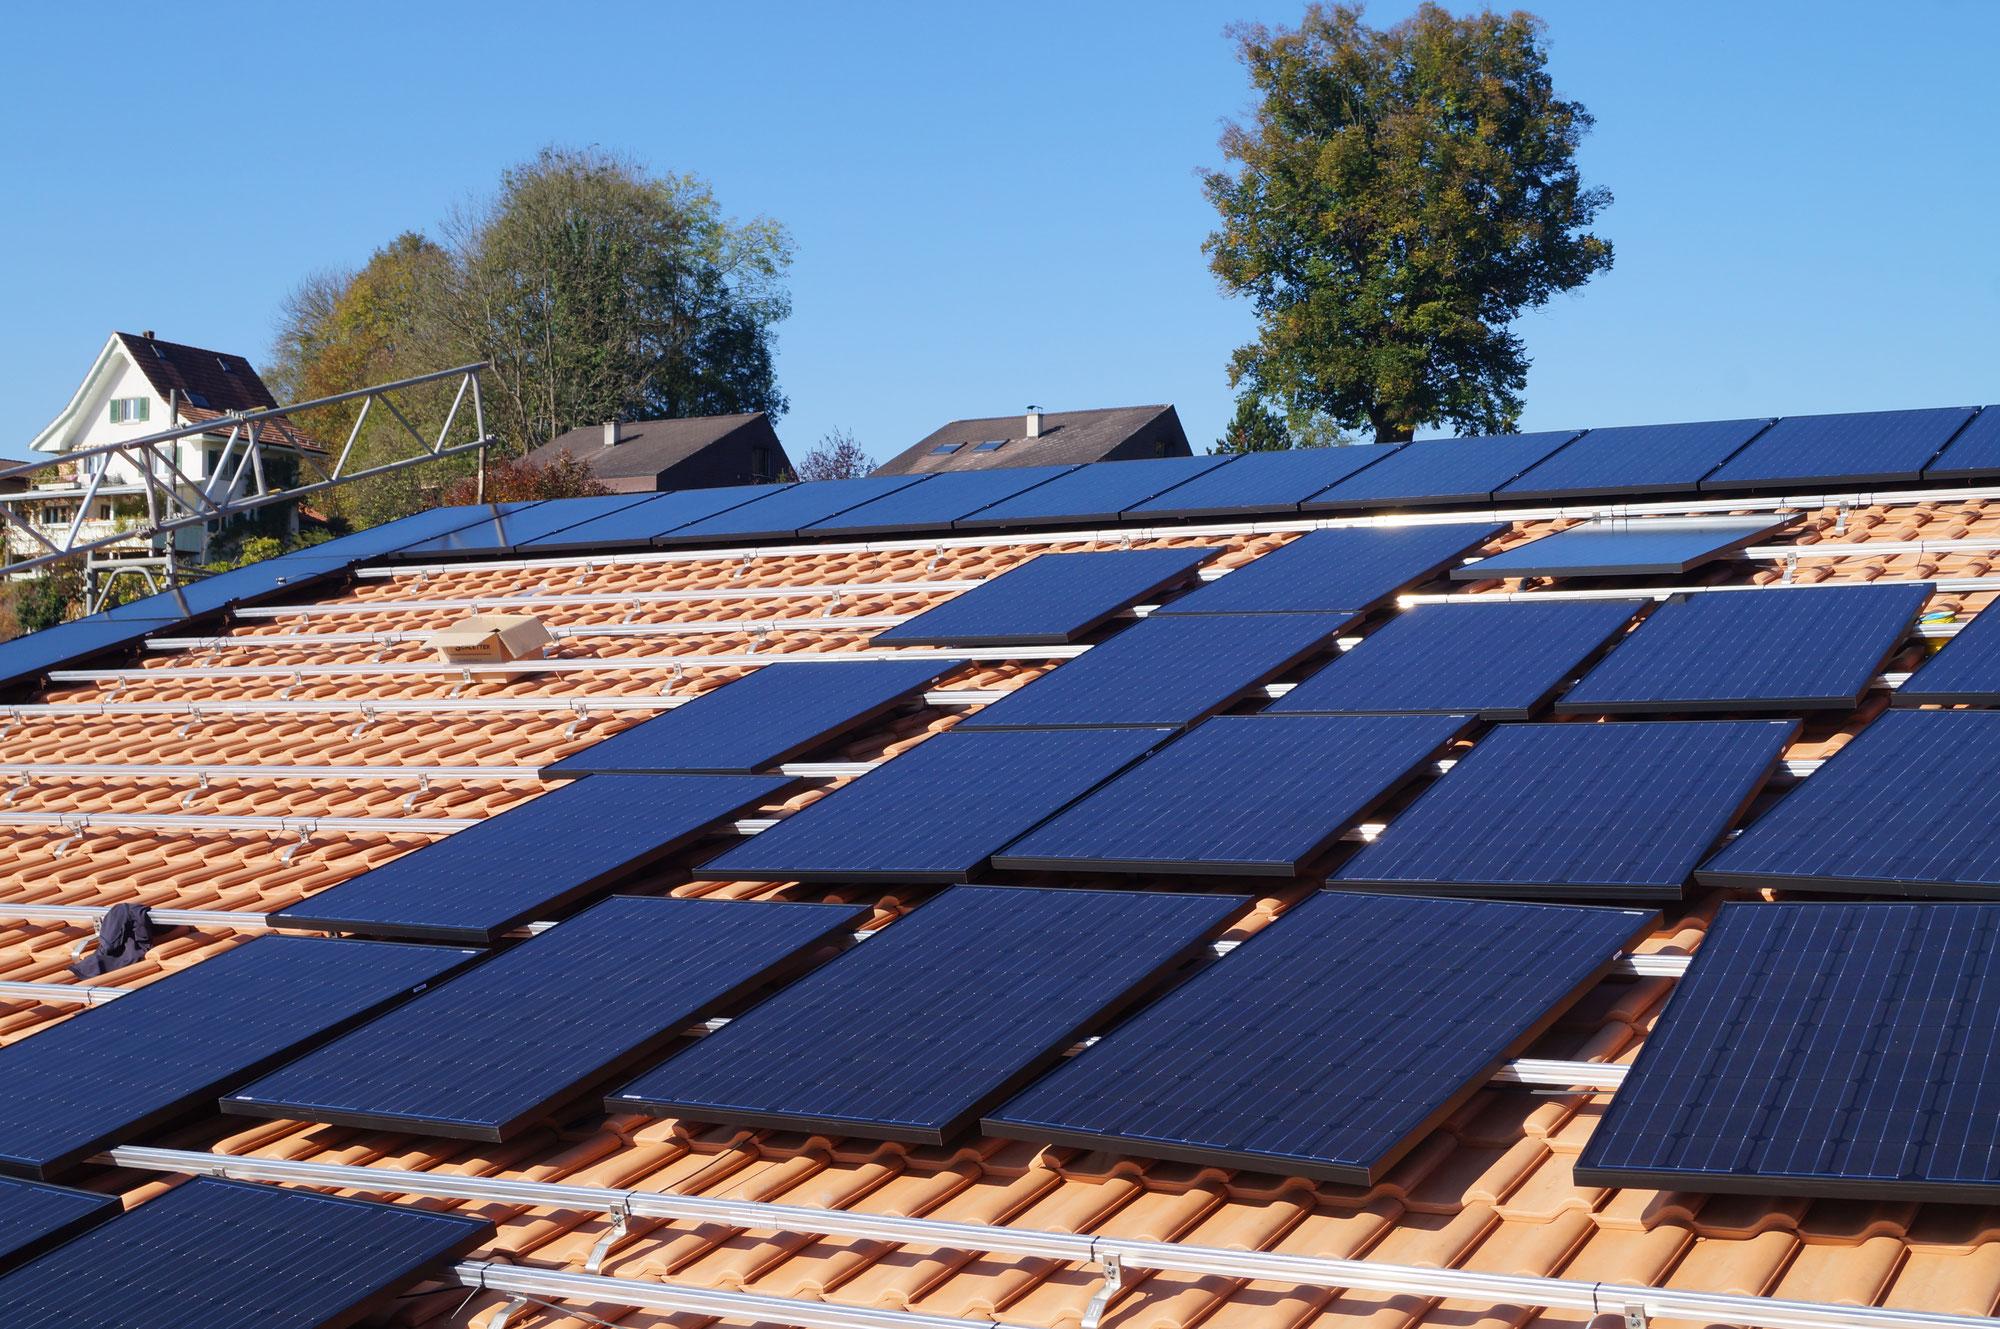 Dächer für Solarstromanlagen gesucht